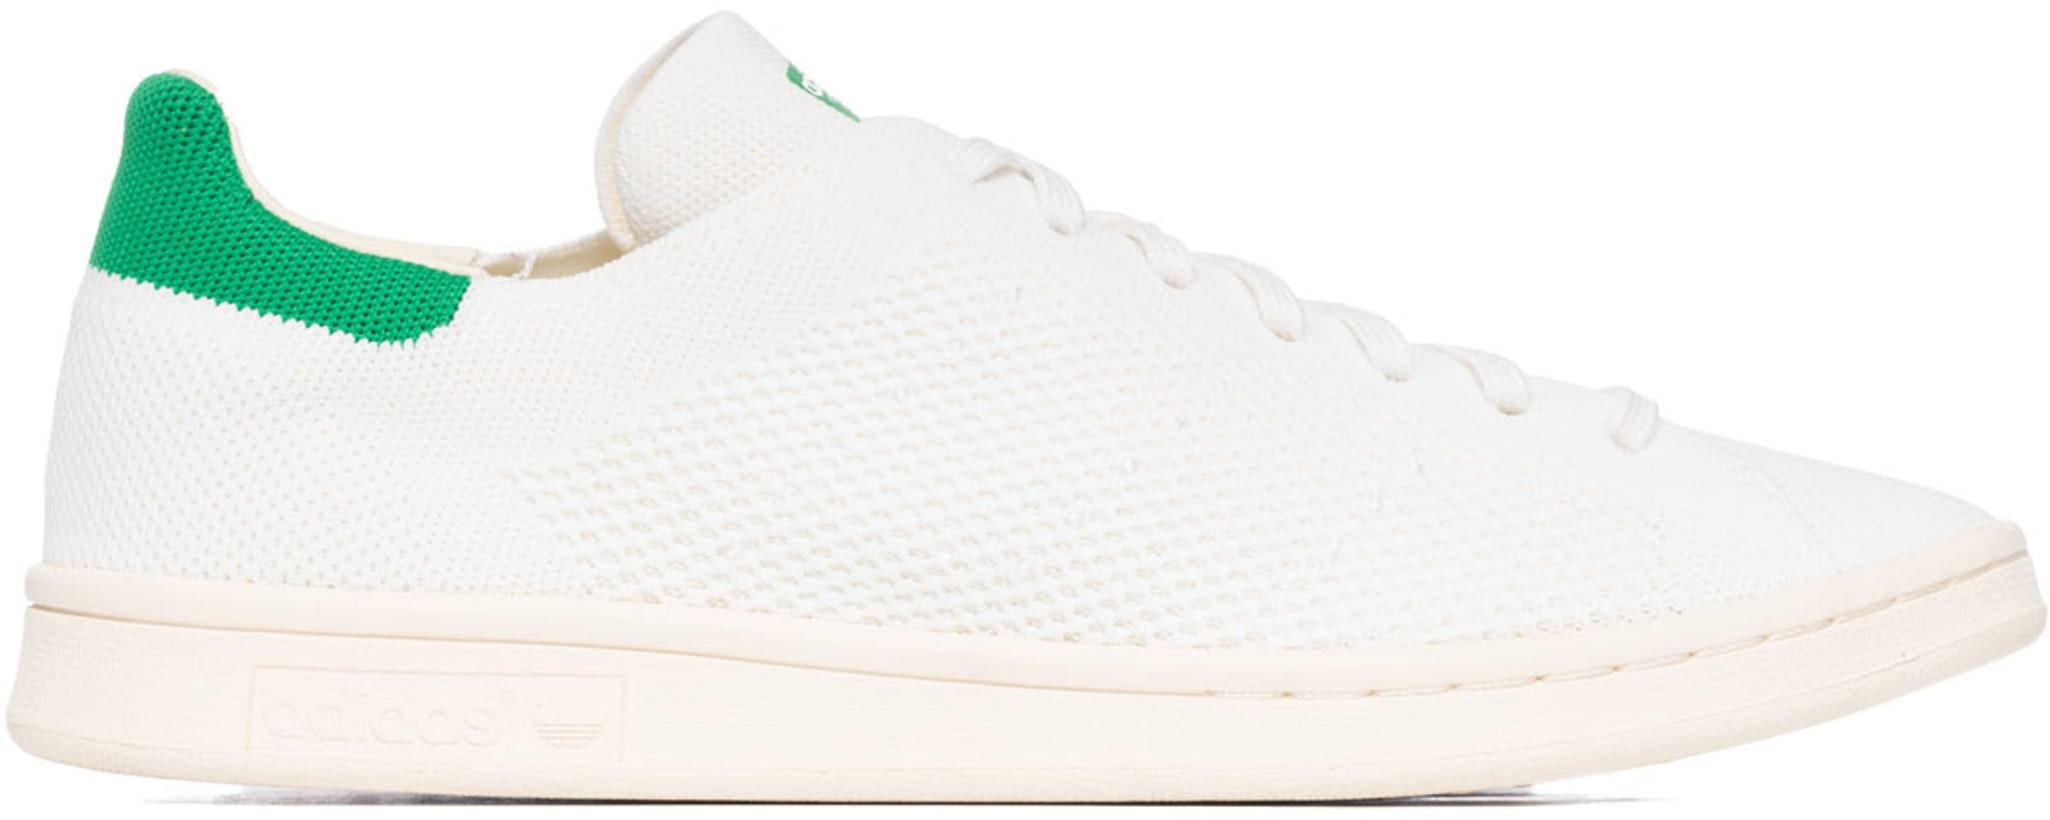 04f3af10fe73c6 adidas Originals  Stan Smith Boost Primeknit - Footwear White ...